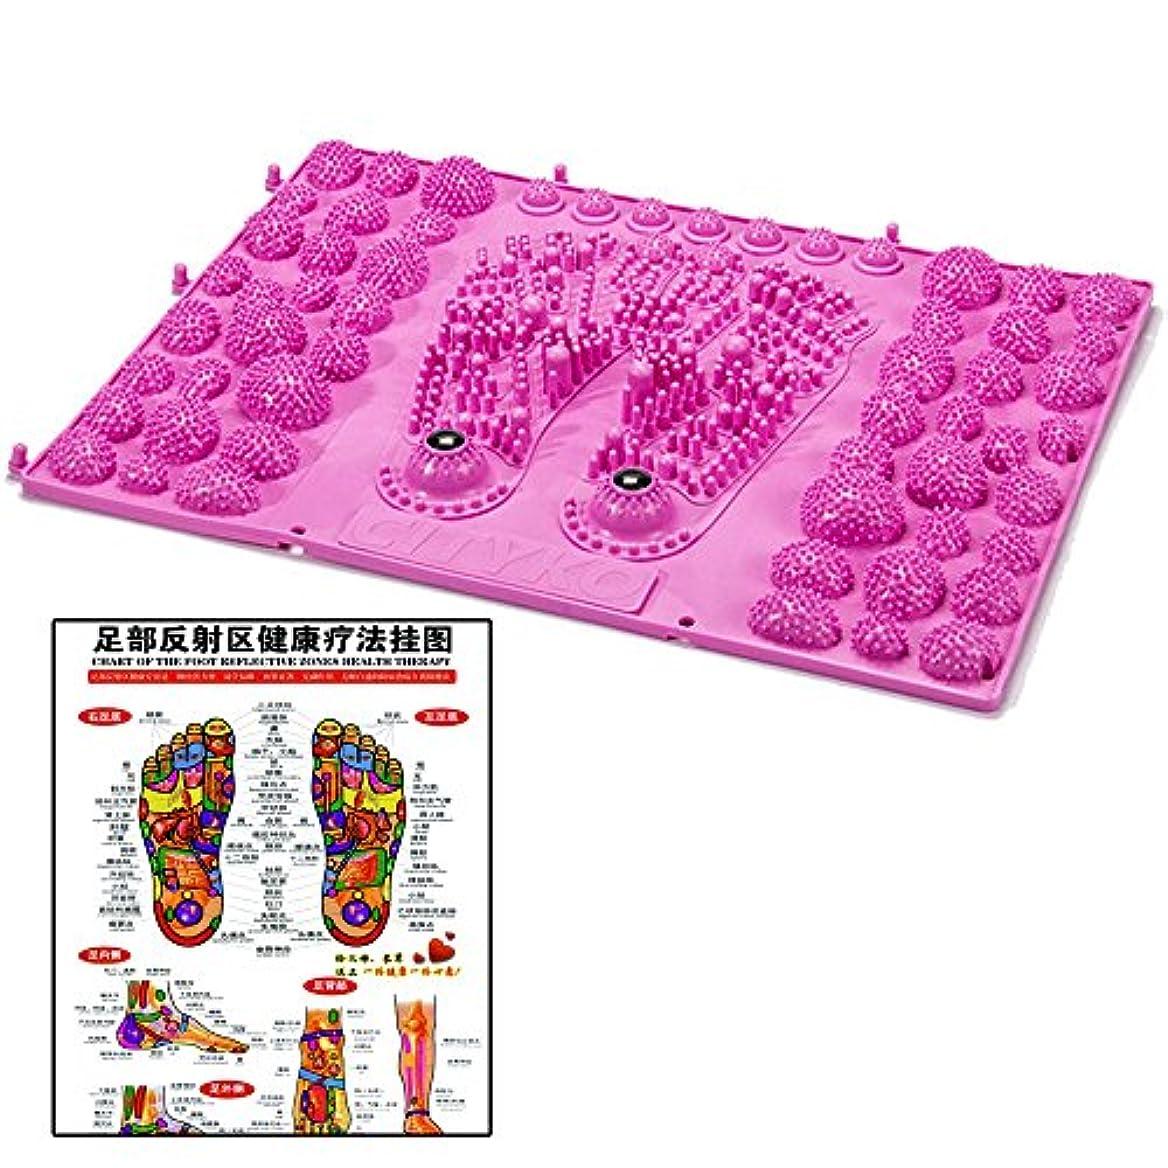 厚い検閲革命的(POMAIKAI) 足型 足ツボ 健康 マット ダイエット 足裏マッサージ 反射区 マップ セット (ピンク)